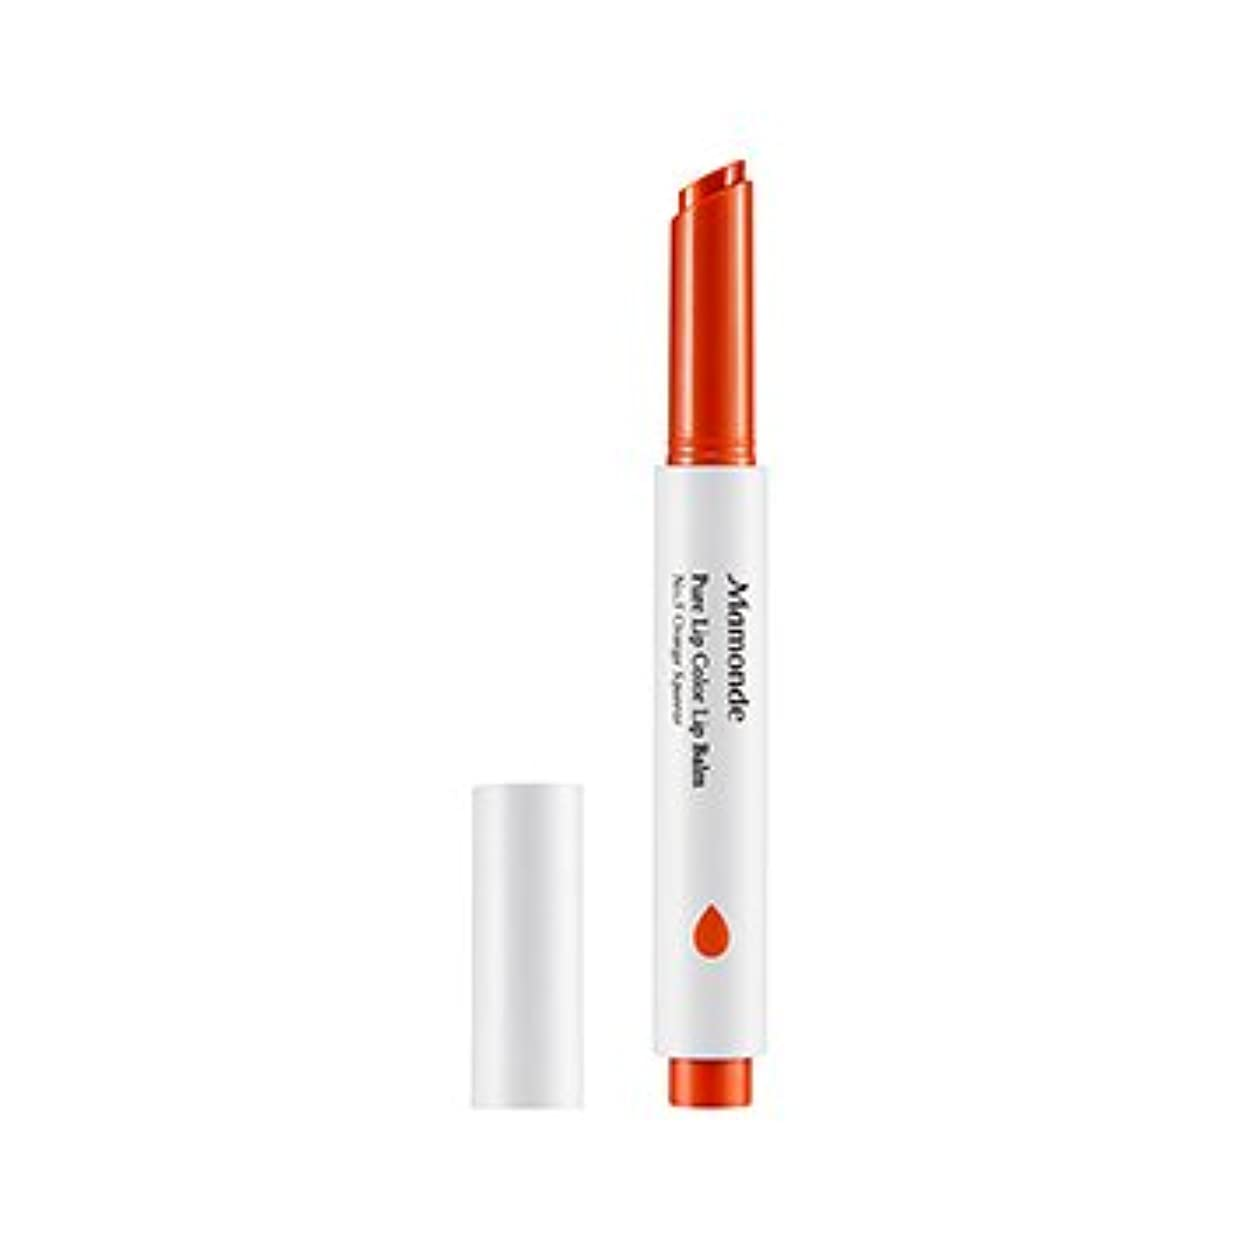 先祖裏切り者取り戻す[New] Mamonde Pure Lip Color Lip Balm 1.6g/マモンド ピュア リップ カラー リップバーム 1.6g (#05 Orange Squeeze) [並行輸入品]